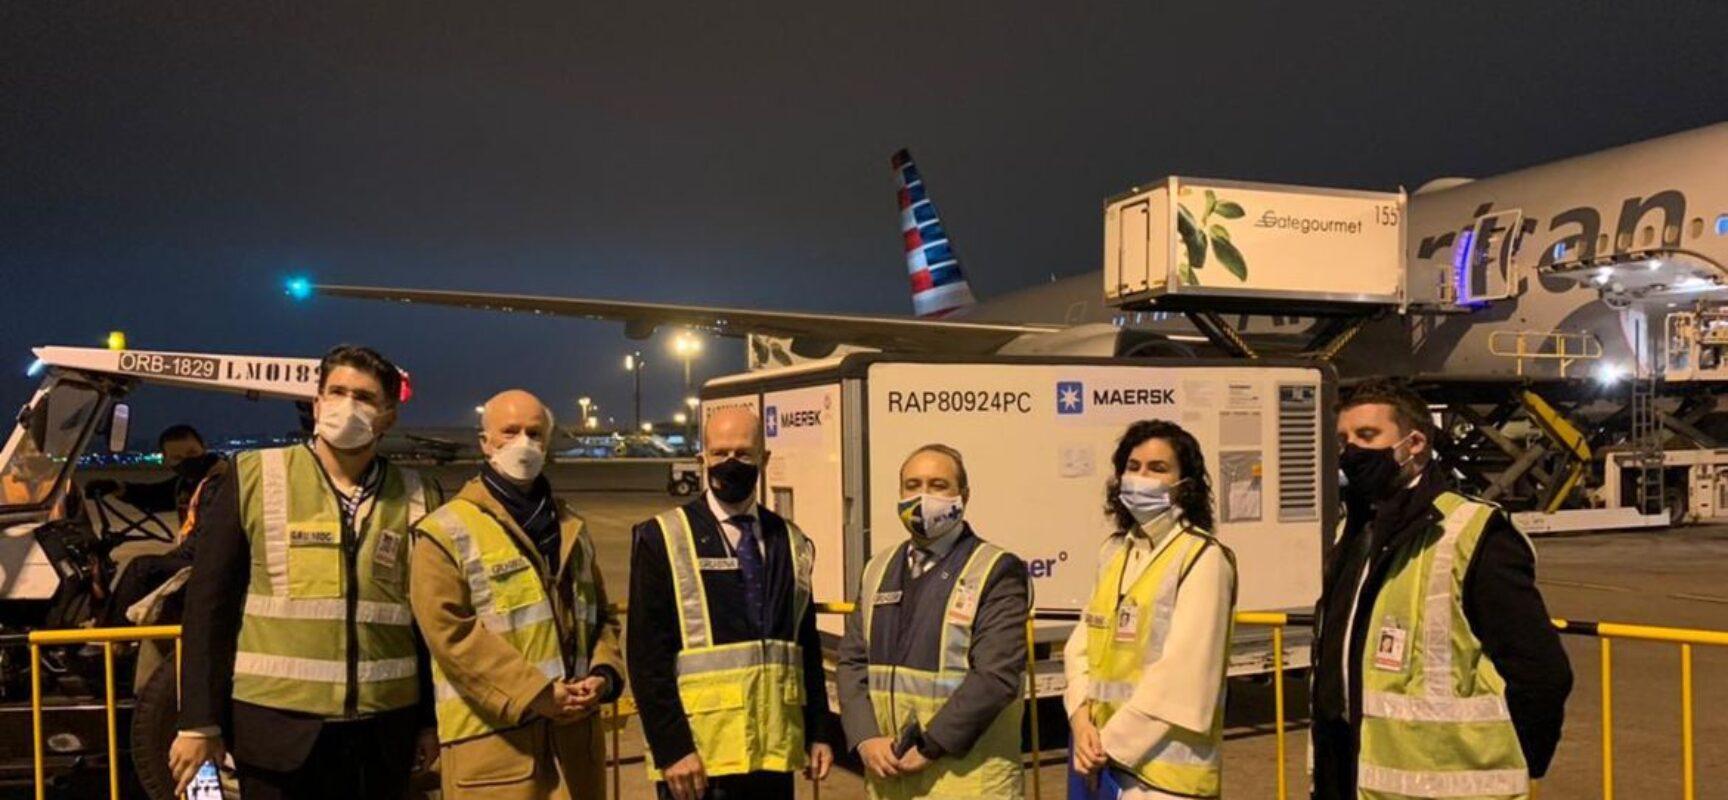 Covid-19: Irlanda doa ao Brasil anestésico para kit intubação